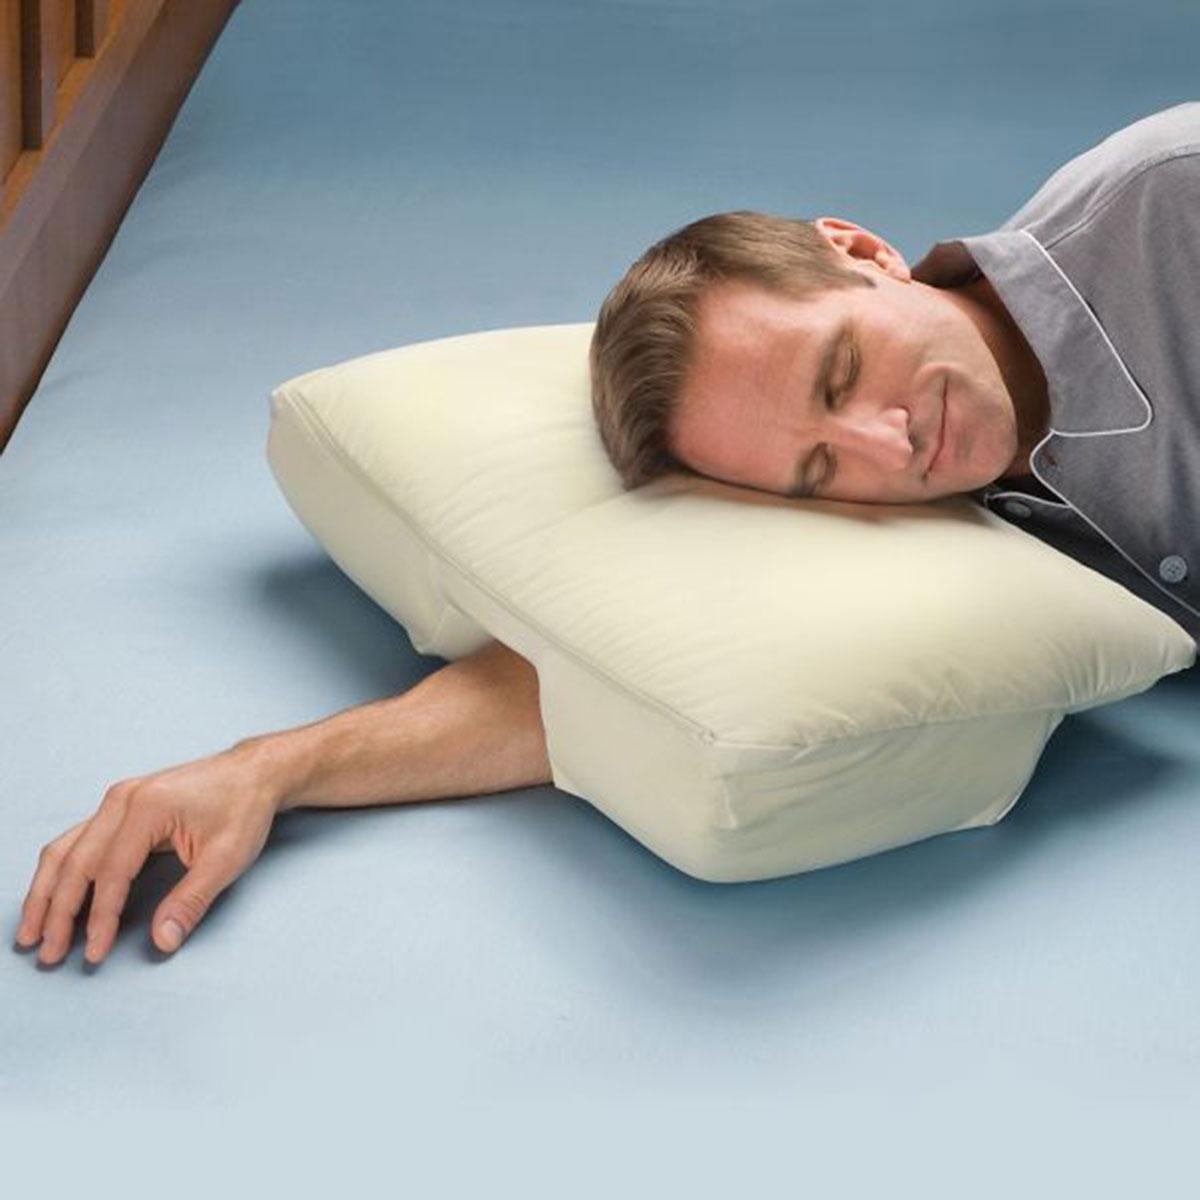 14. Almohada para la gente que usa su brazo como almohada